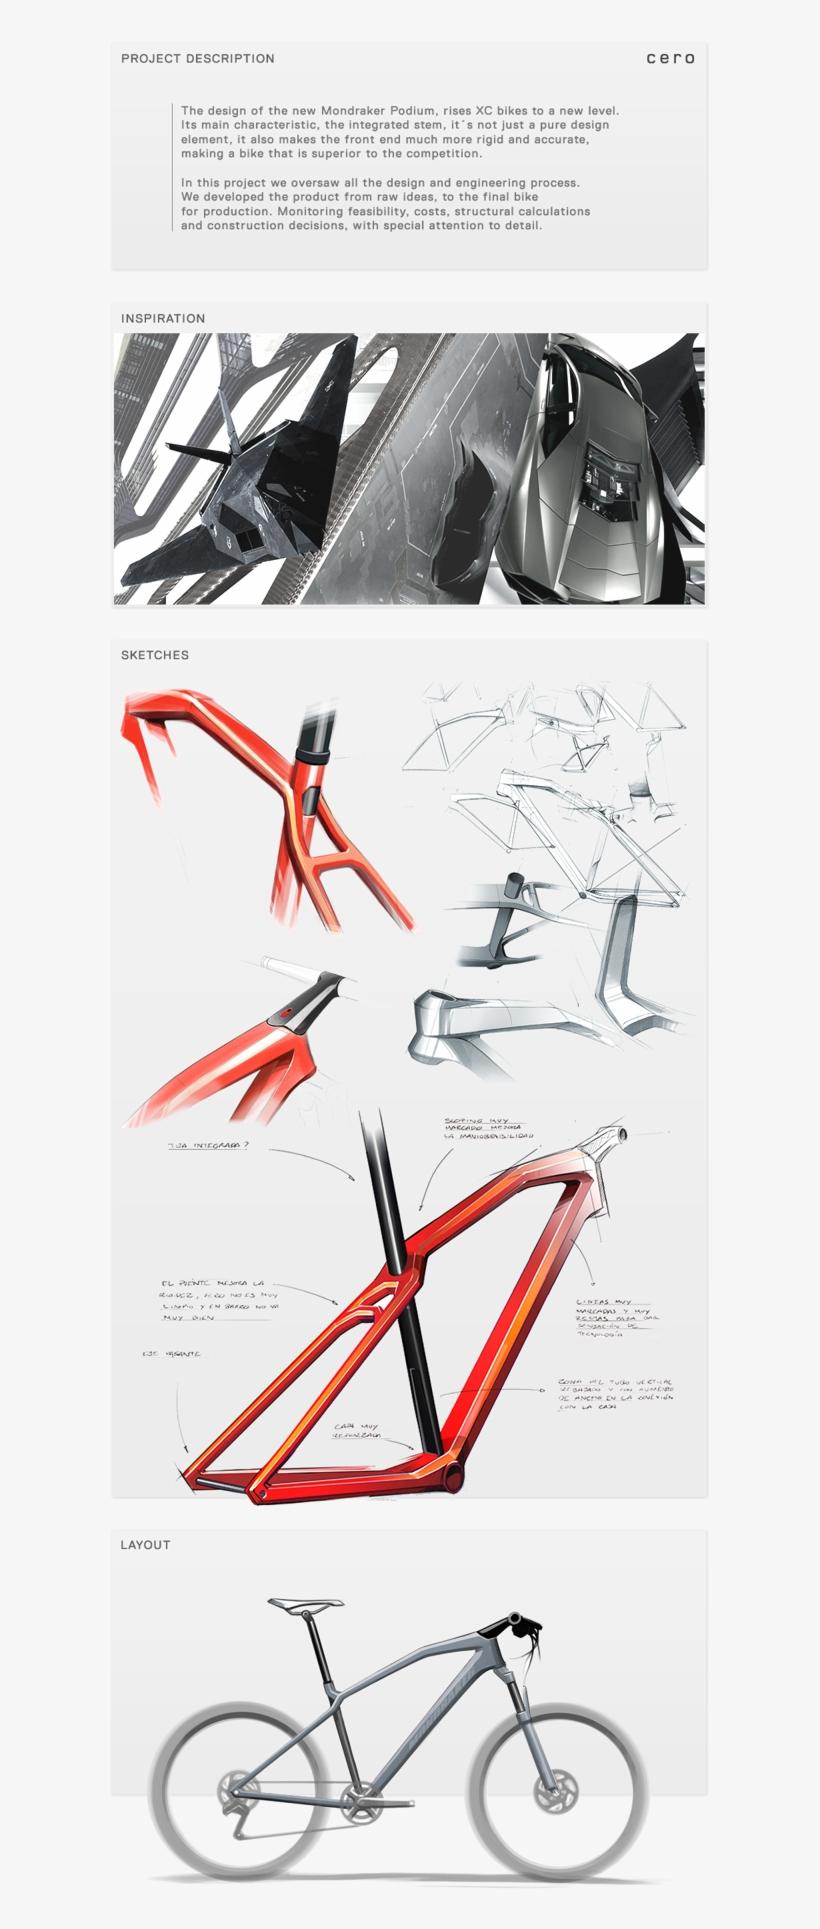 Mondraker Podium On Industrial Design Served - Design, transparent png #796663